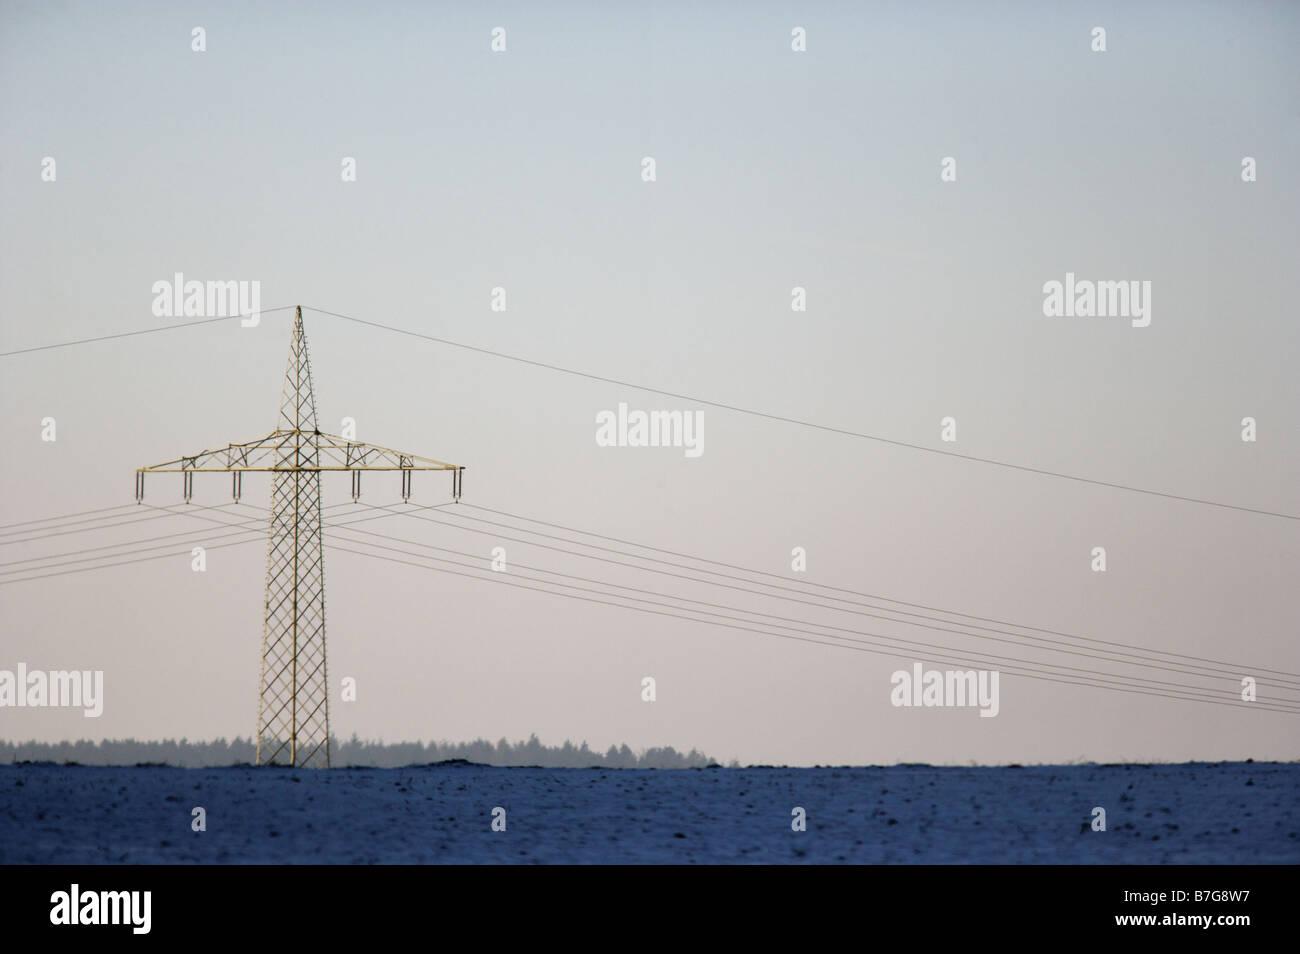 Energie-Versorgung-Strommast Stockbild